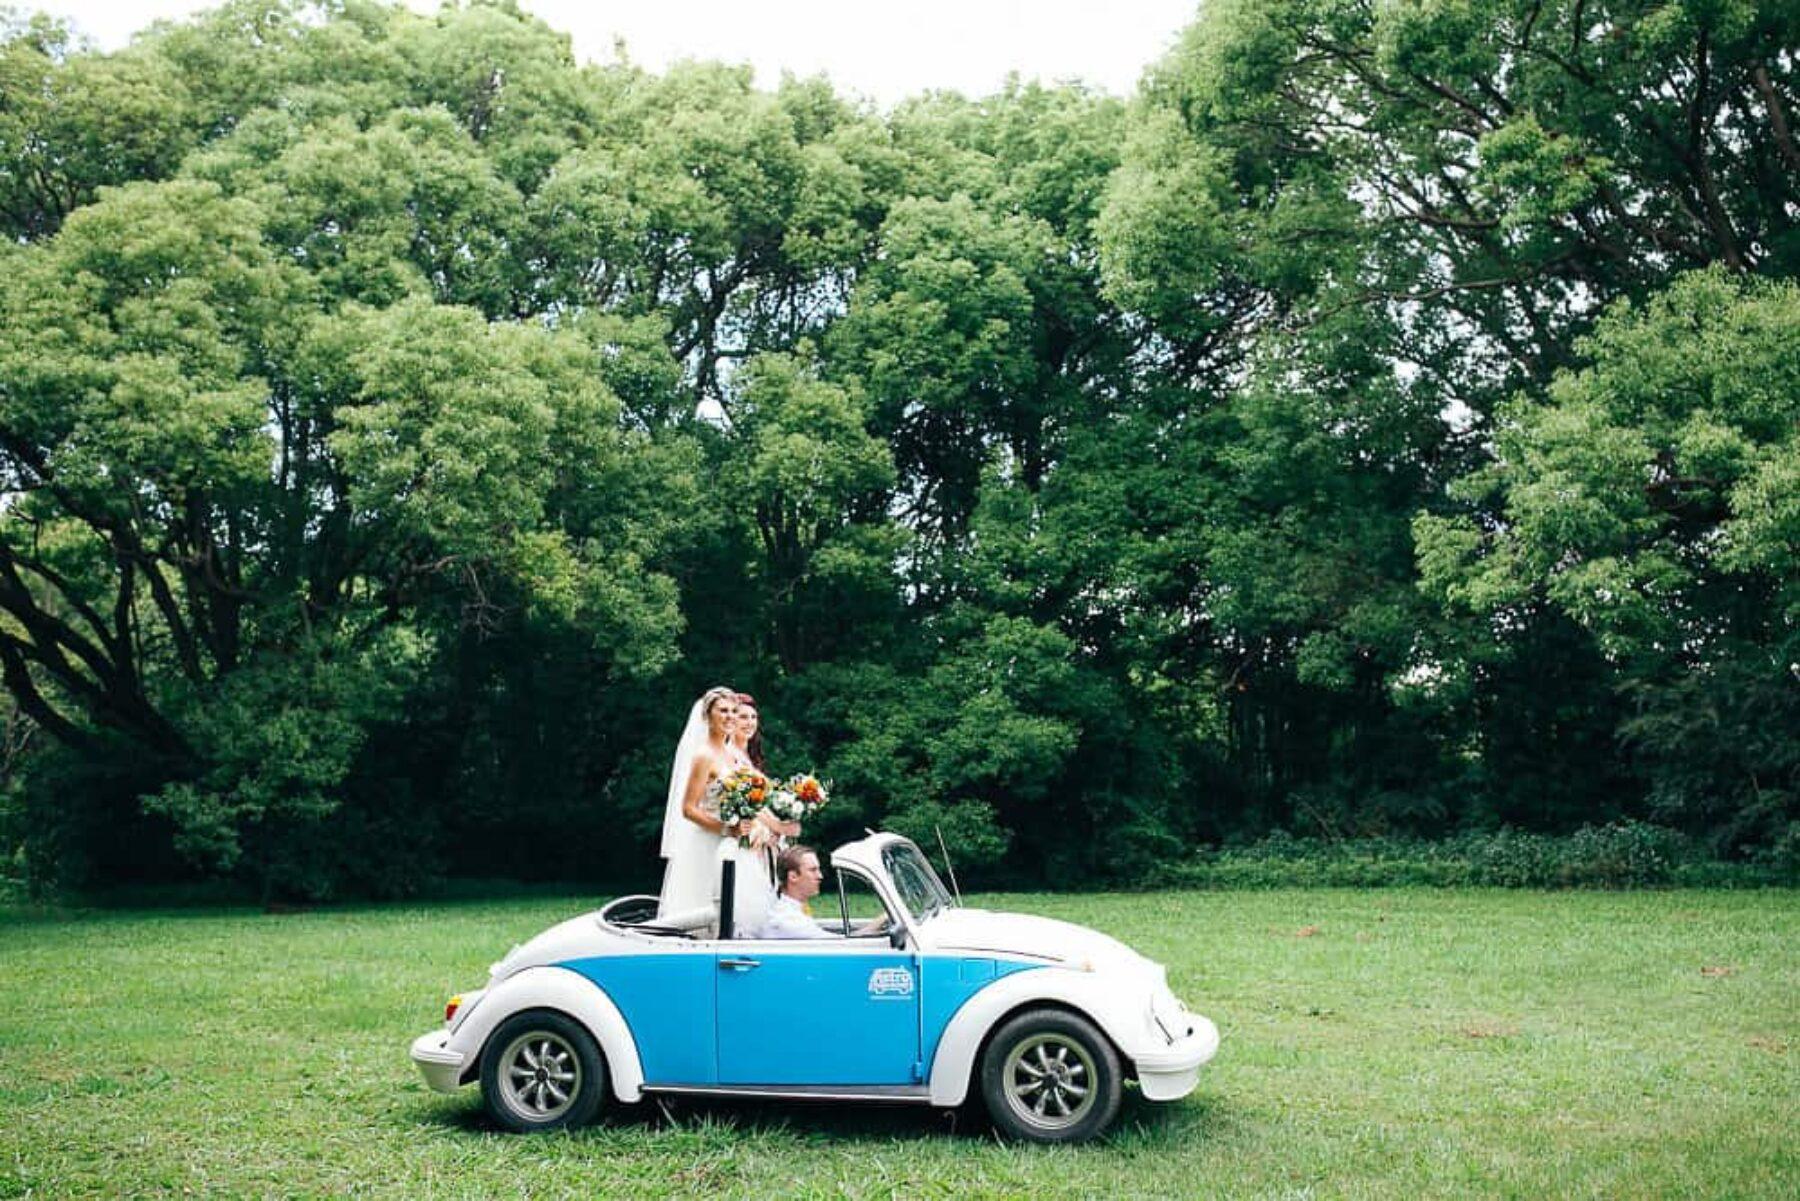 vintage buggy wedding car